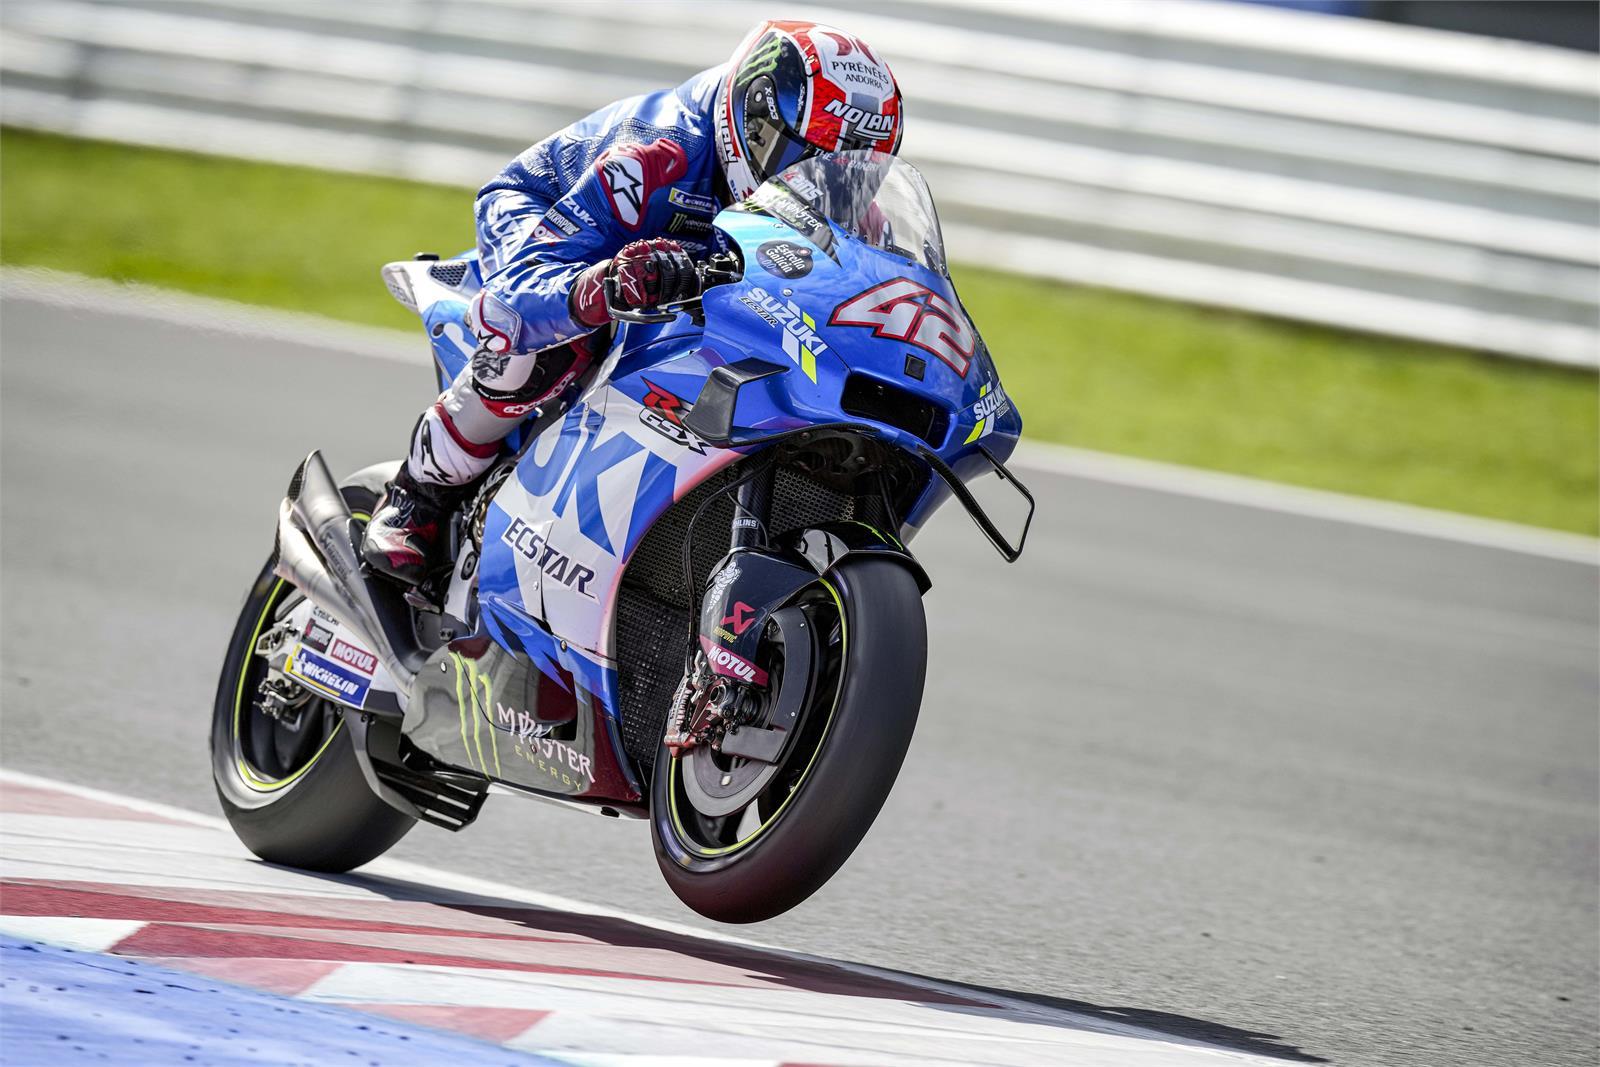 MotoGP2021ミサノテスト アレックス・リンス「2022年型エンジンは好感触」